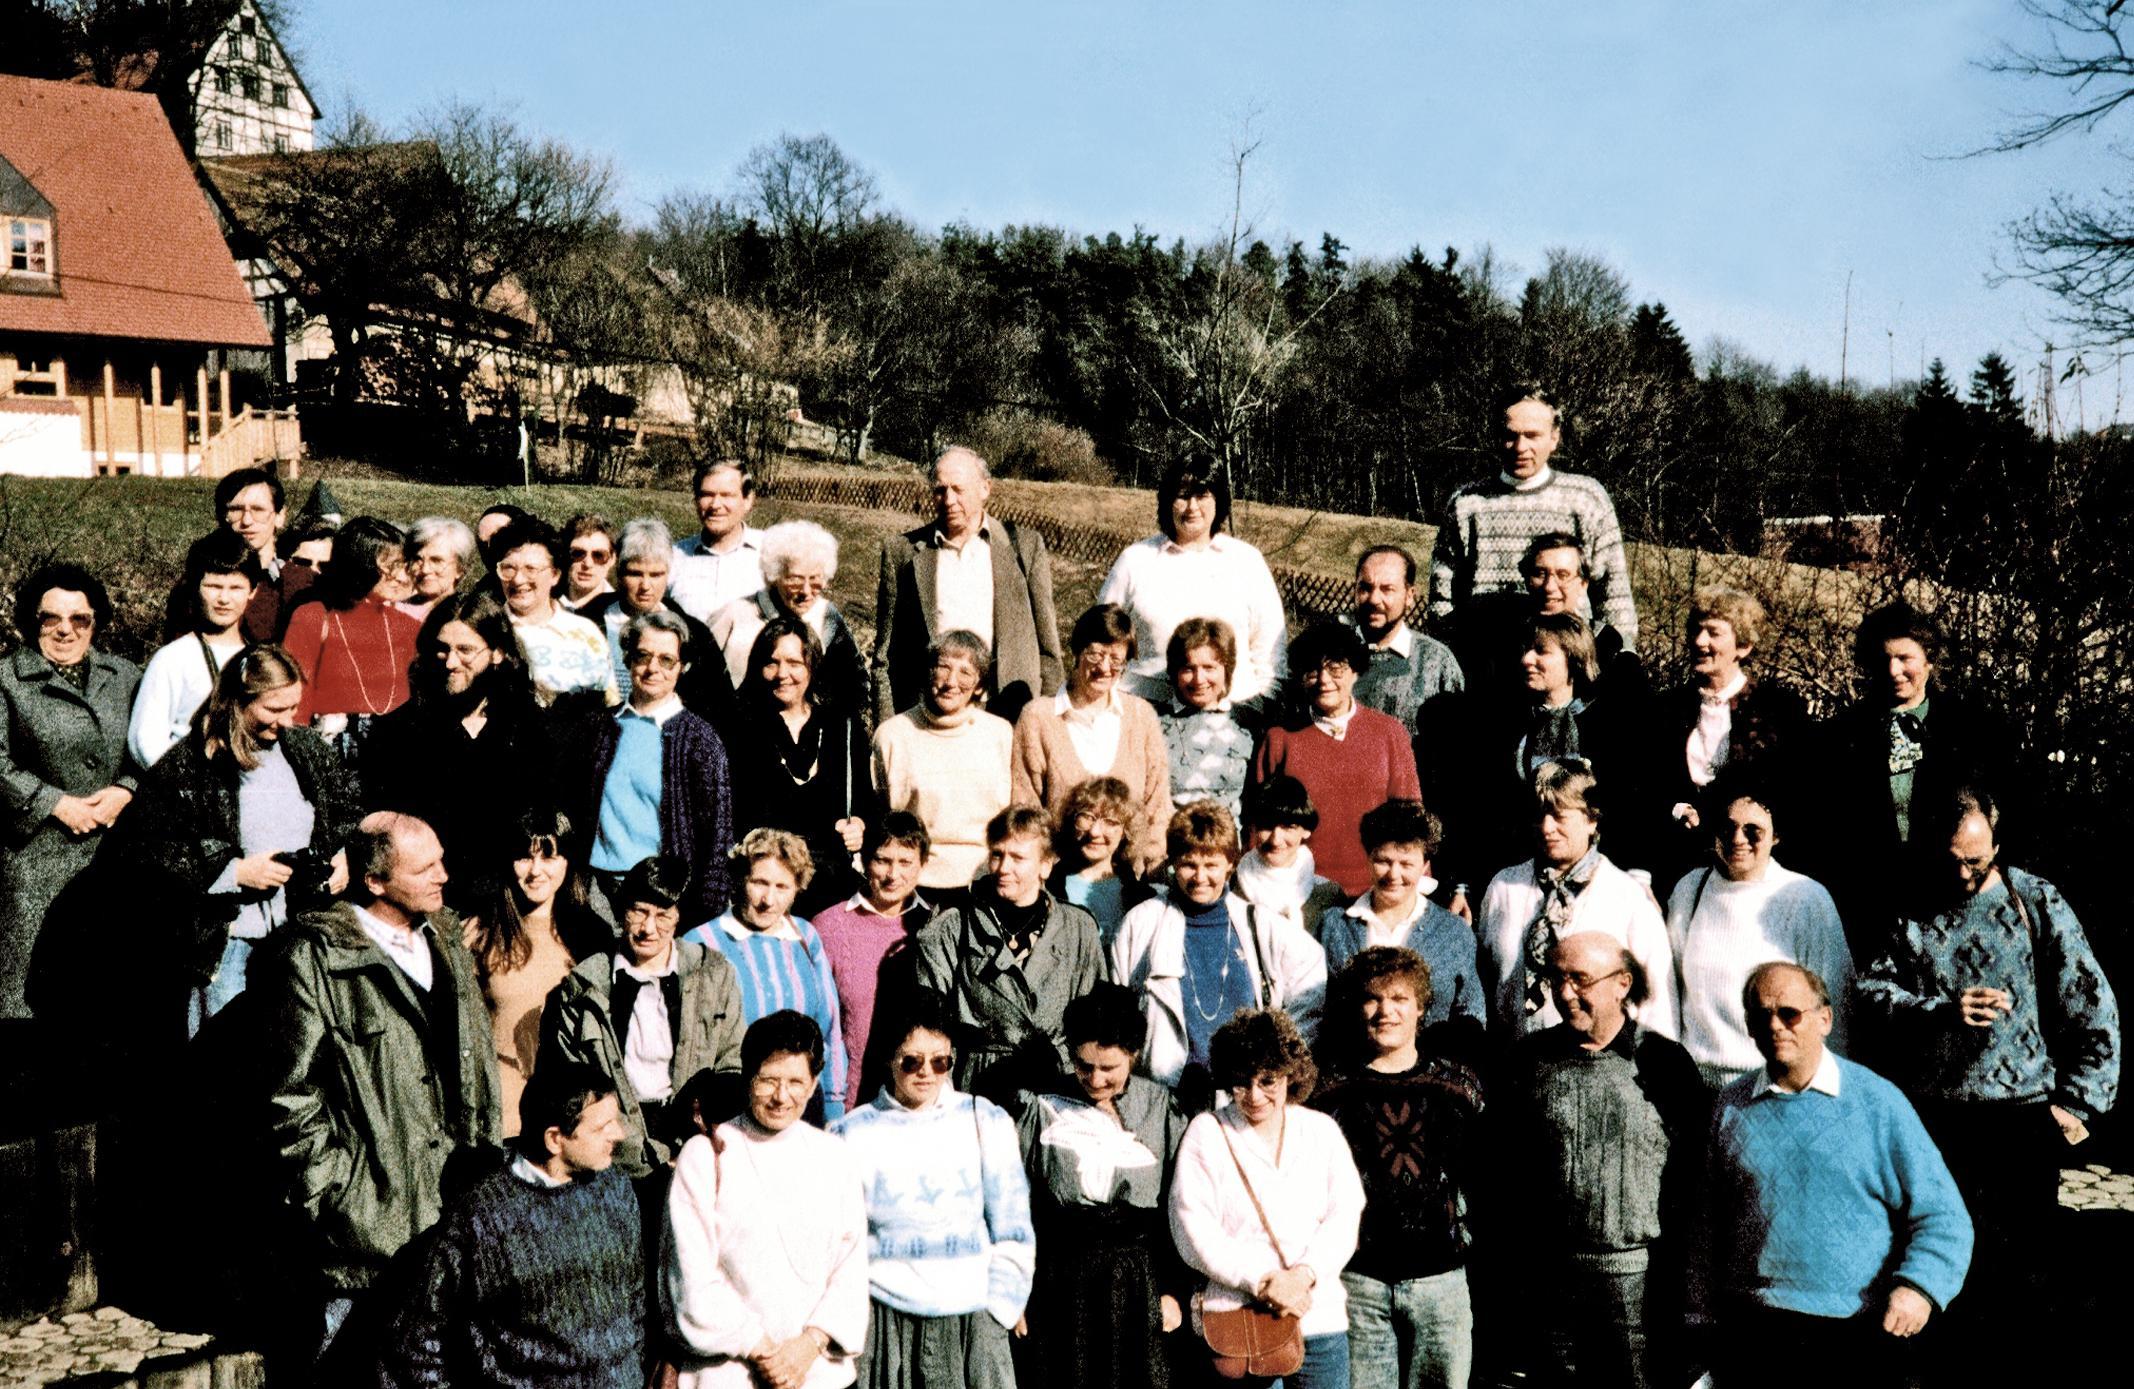 Chorwochenende in Prackenfels%20 1988